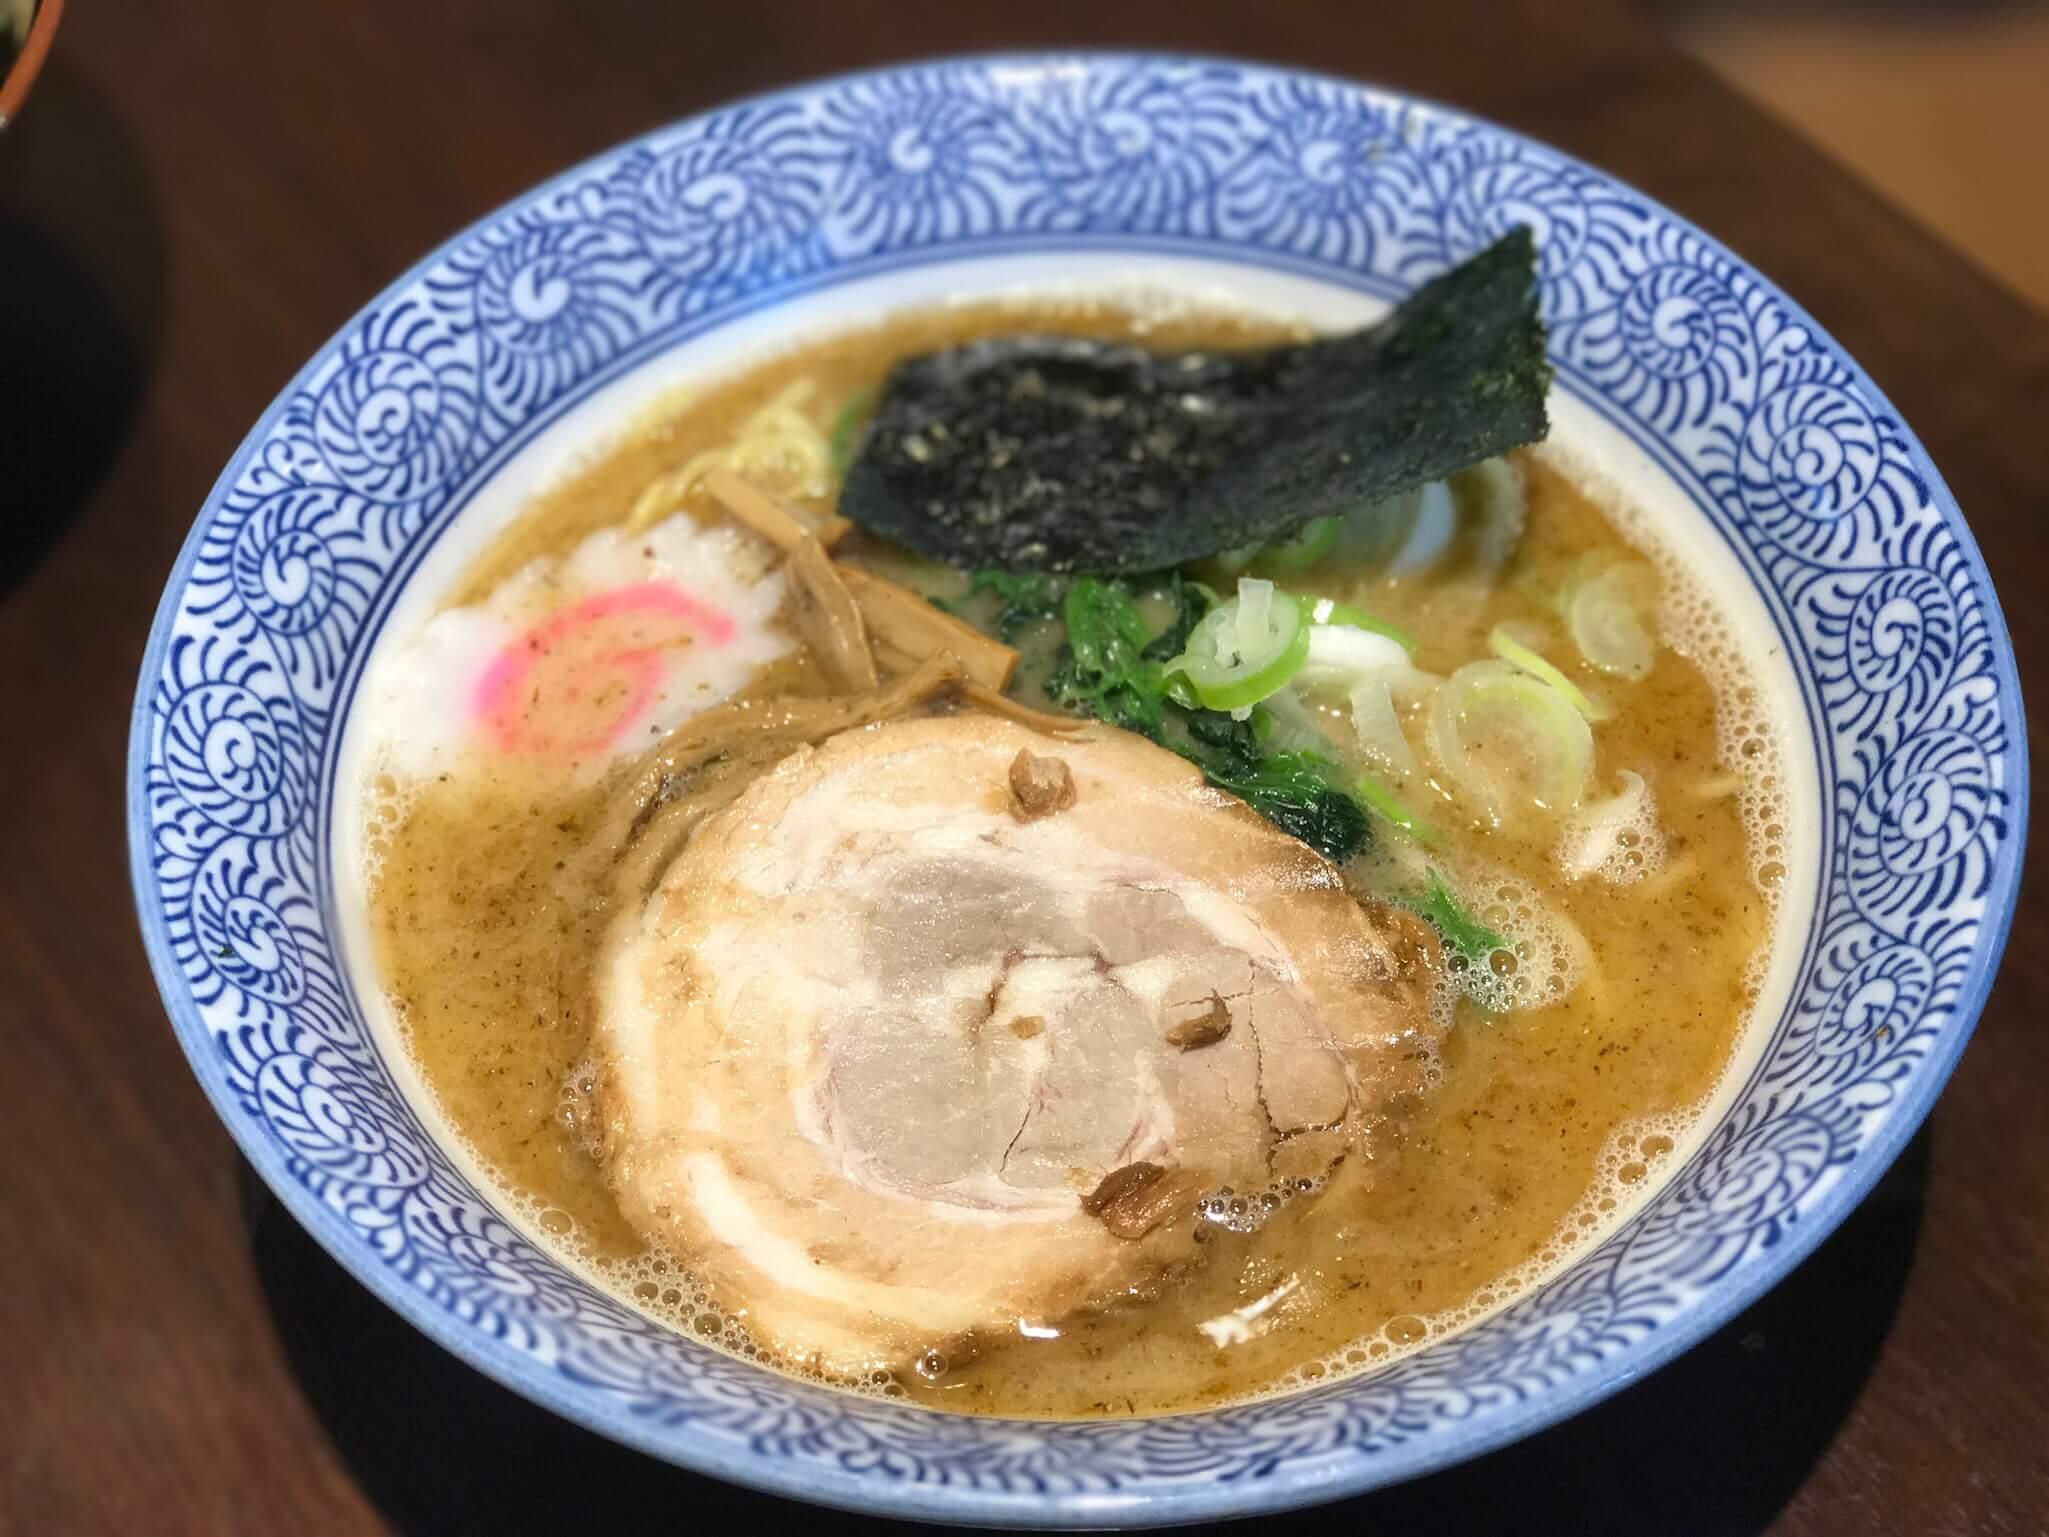 金沢麺屋 達 武我 で2種類の豚骨ラーメンを食べくらべ